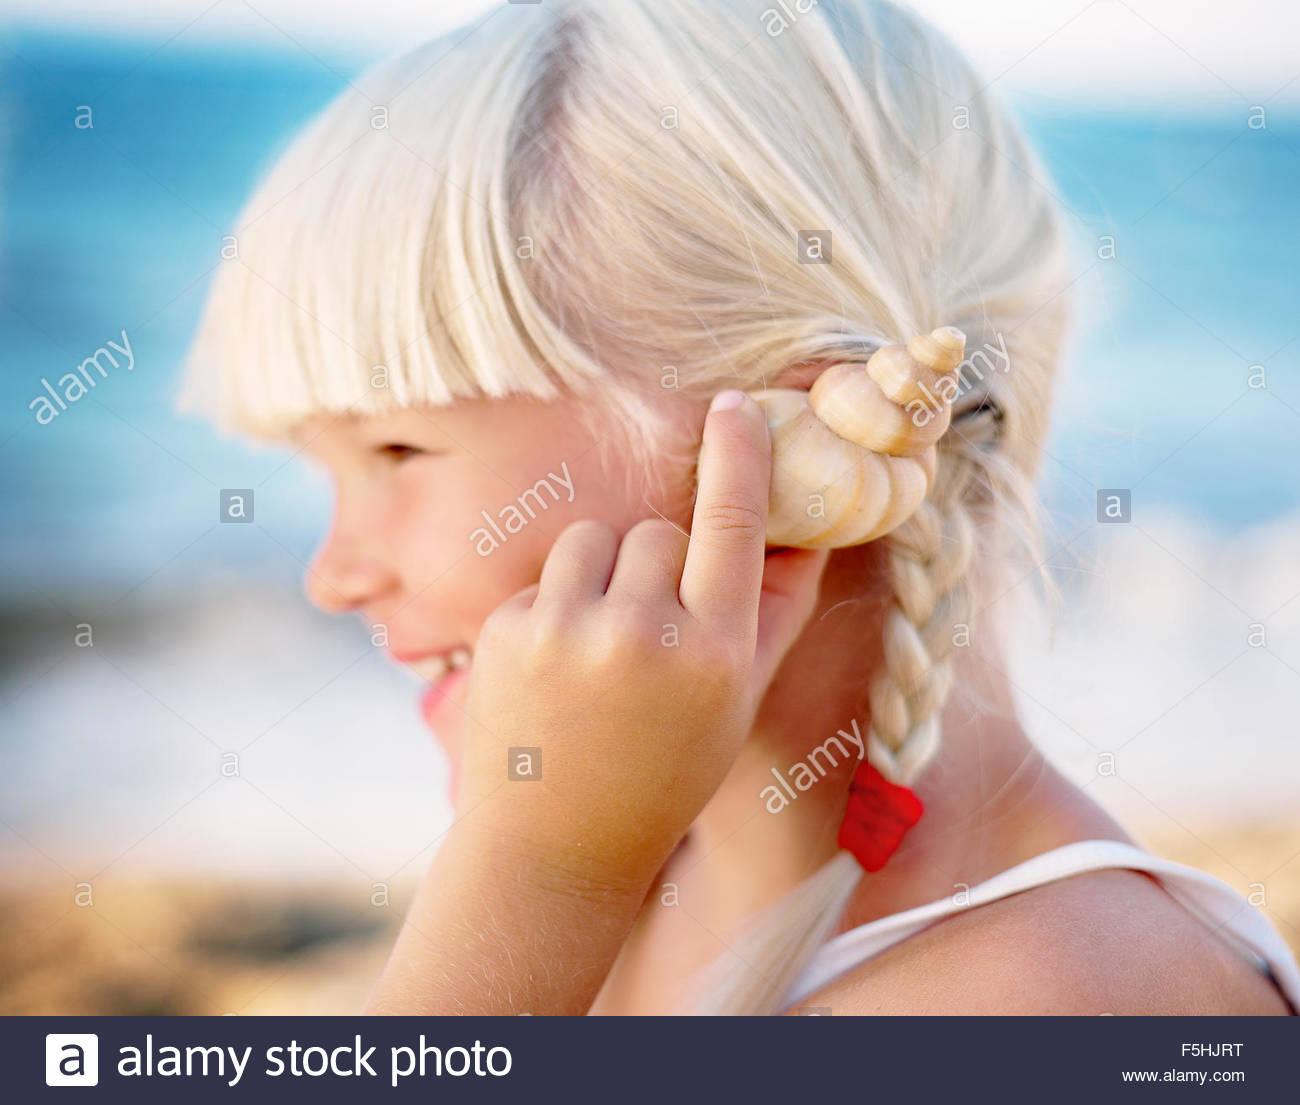 Grecia, Creta, Chica (6-7) sujetando el Seashell cerca al oído Imagen De Stock